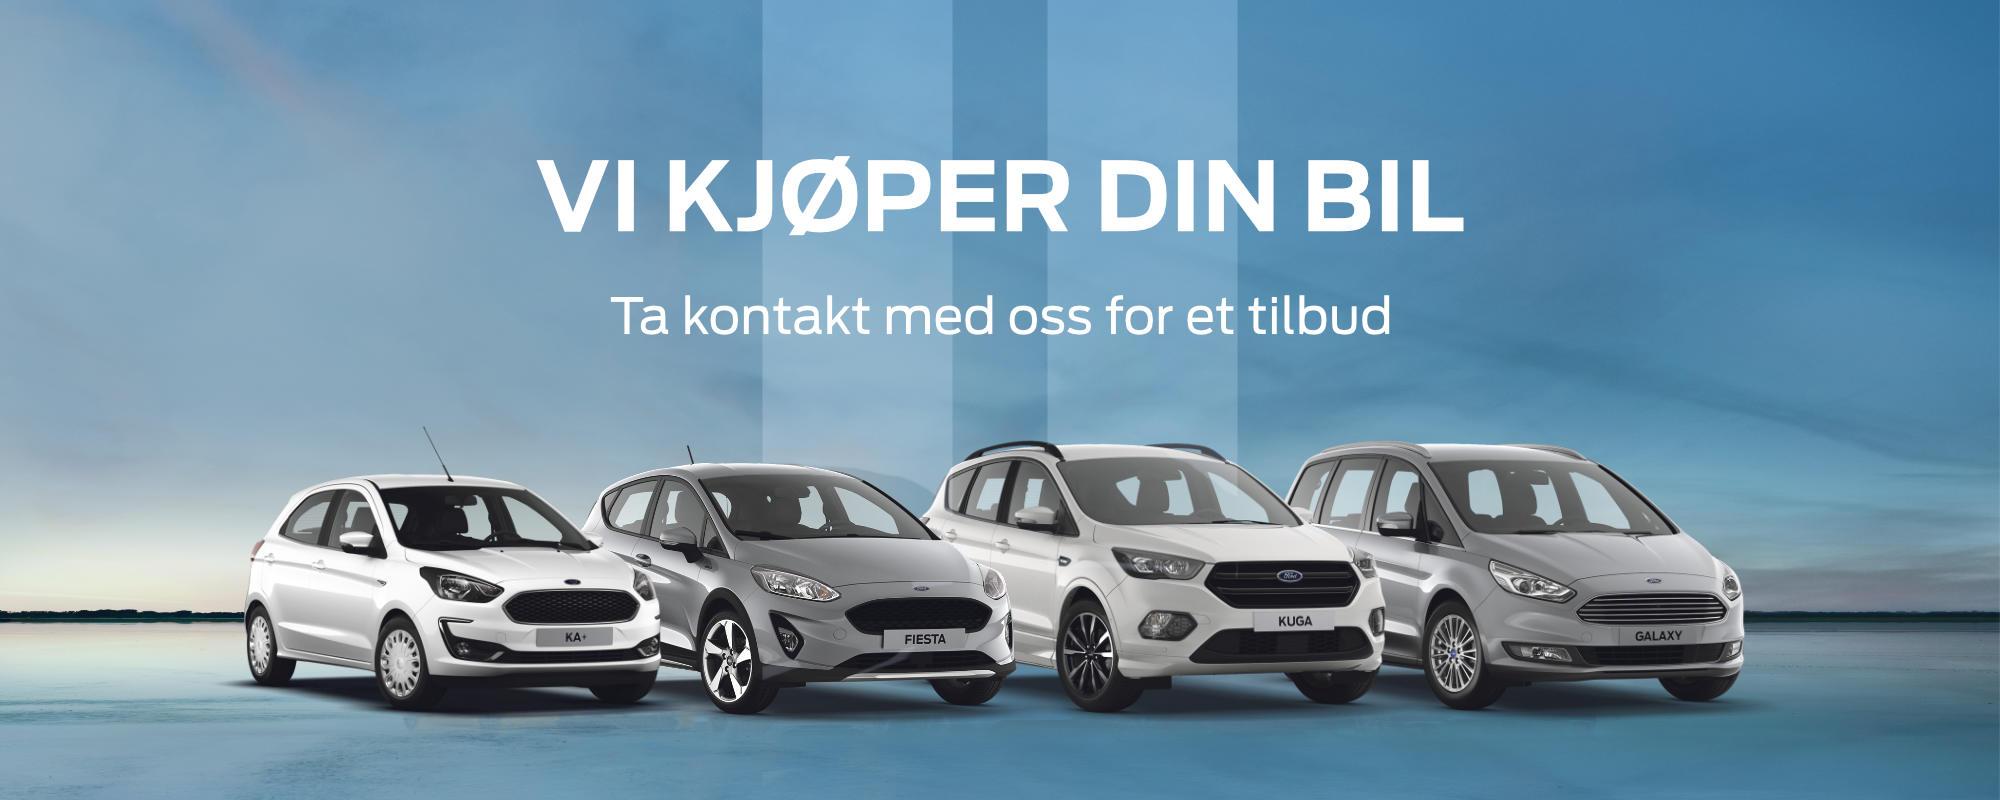 Vi kjøper din bil Sulland